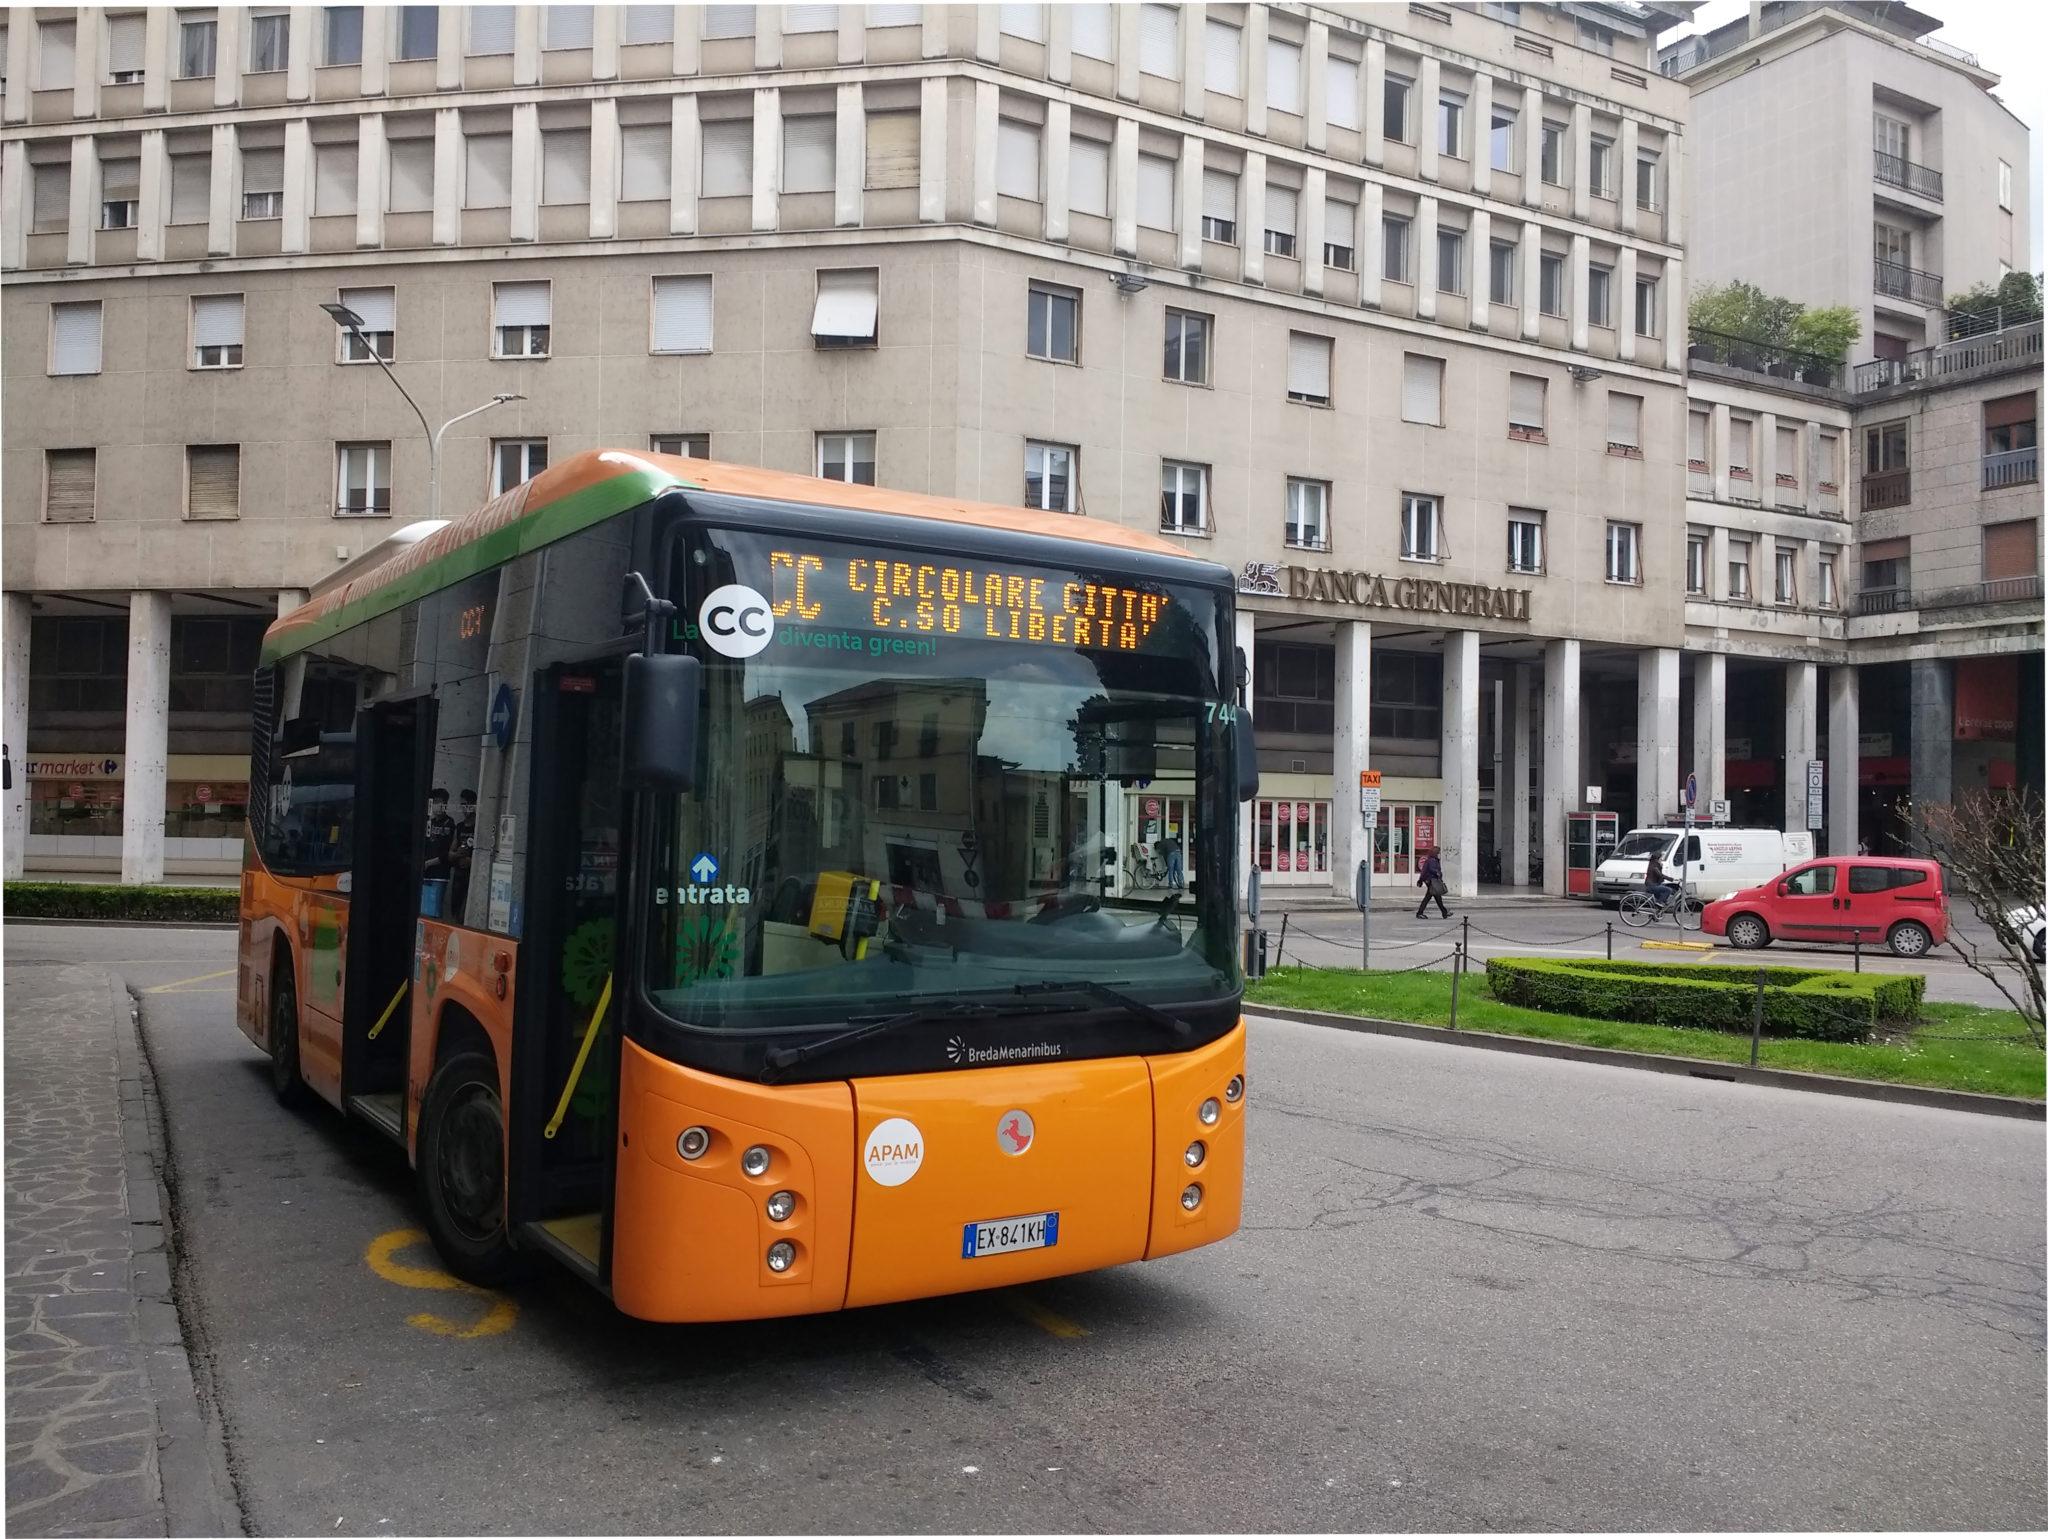 Ogni fermata del tram è una storia. Abbiamo attraversato Mantova a bordo di un pullman, da un capolinea all'altro per scoprire racconti e luoghi inaspettati